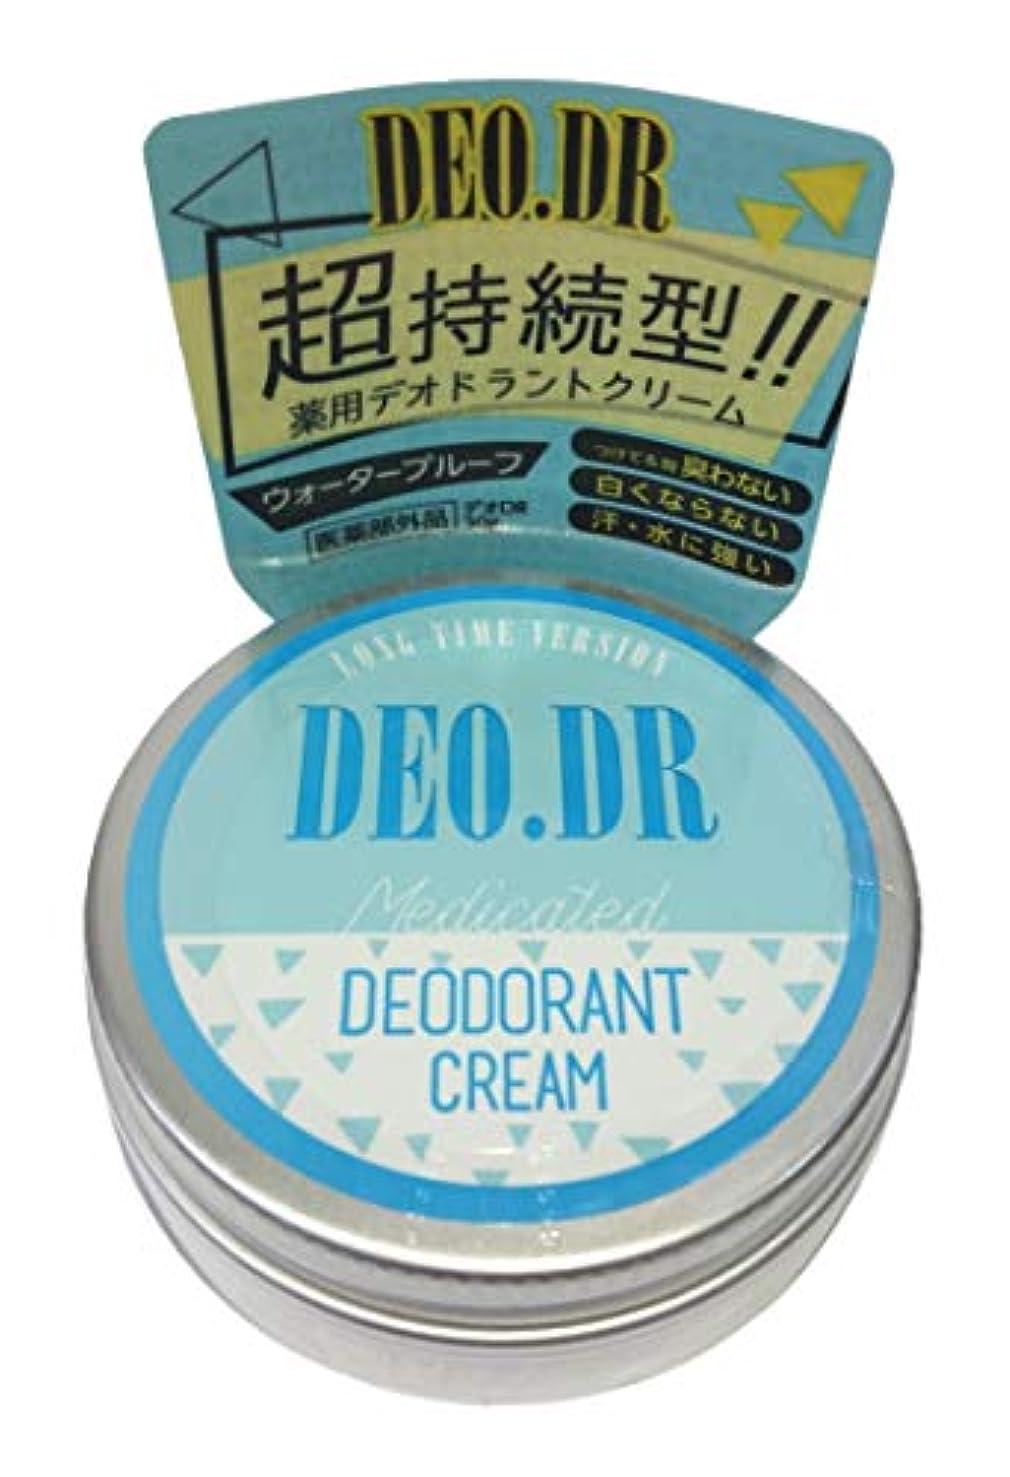 致死フェンスアクロバットデオDR (DEO.DR) 薬用クリーム 【医薬部外品】